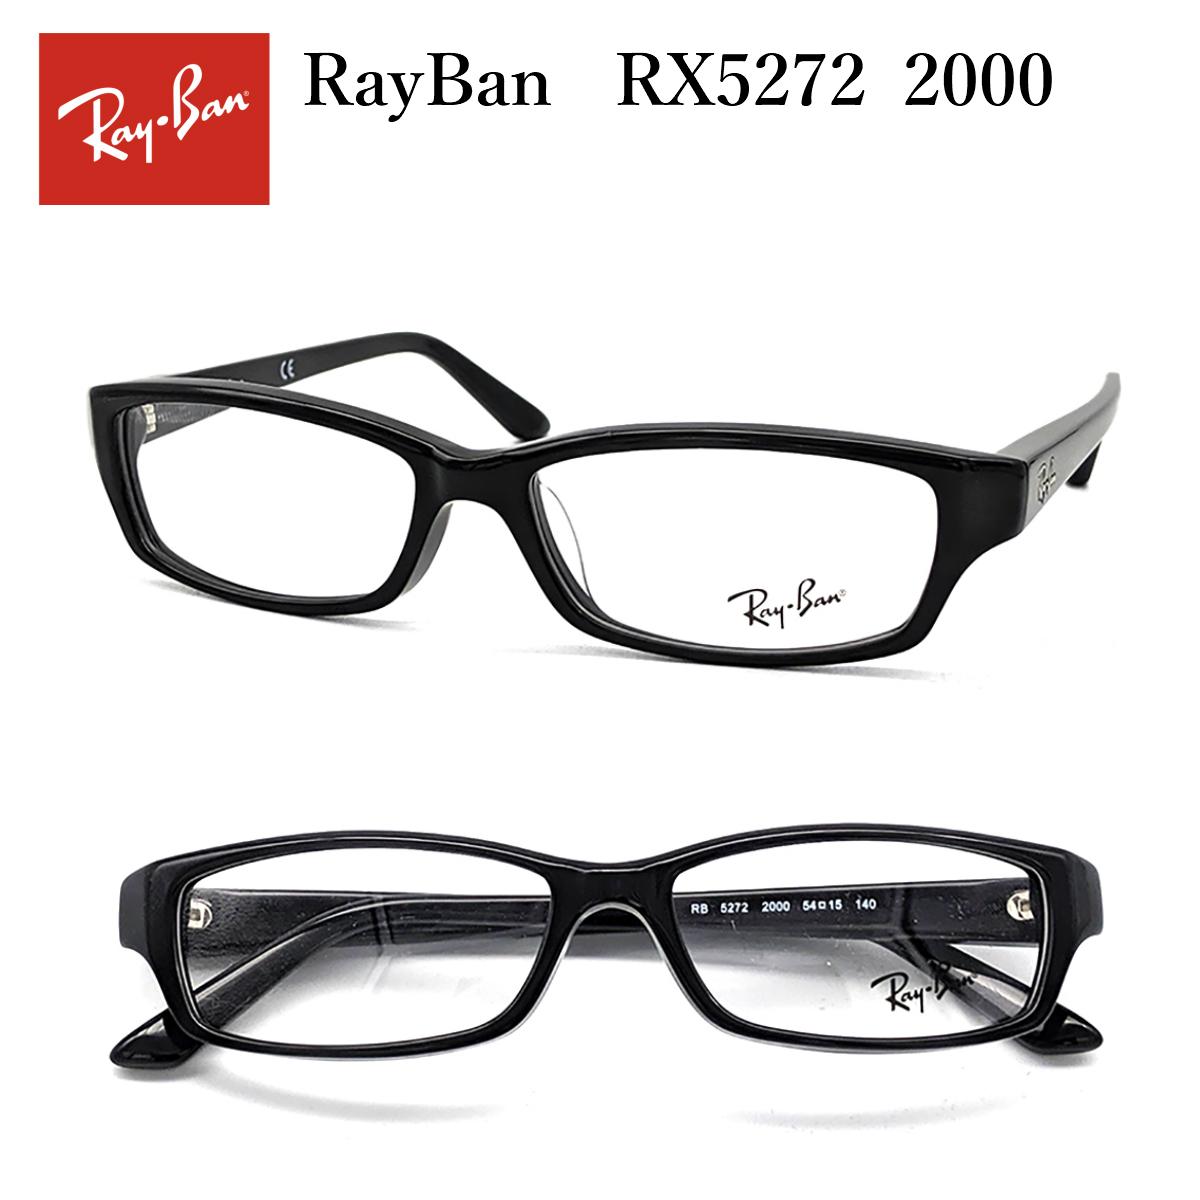 【正規品】 レイバン メガネ フレーム RayBan RX5272 (RB5272) 2000 眼鏡 めがね 度付き対応 送料無料 定番 人気 オススメ 黒縁 黒 スクエア シャープ ビジネス カジュアル メンズ レディース 男性 女性 父の日 プレゼント プレゼント